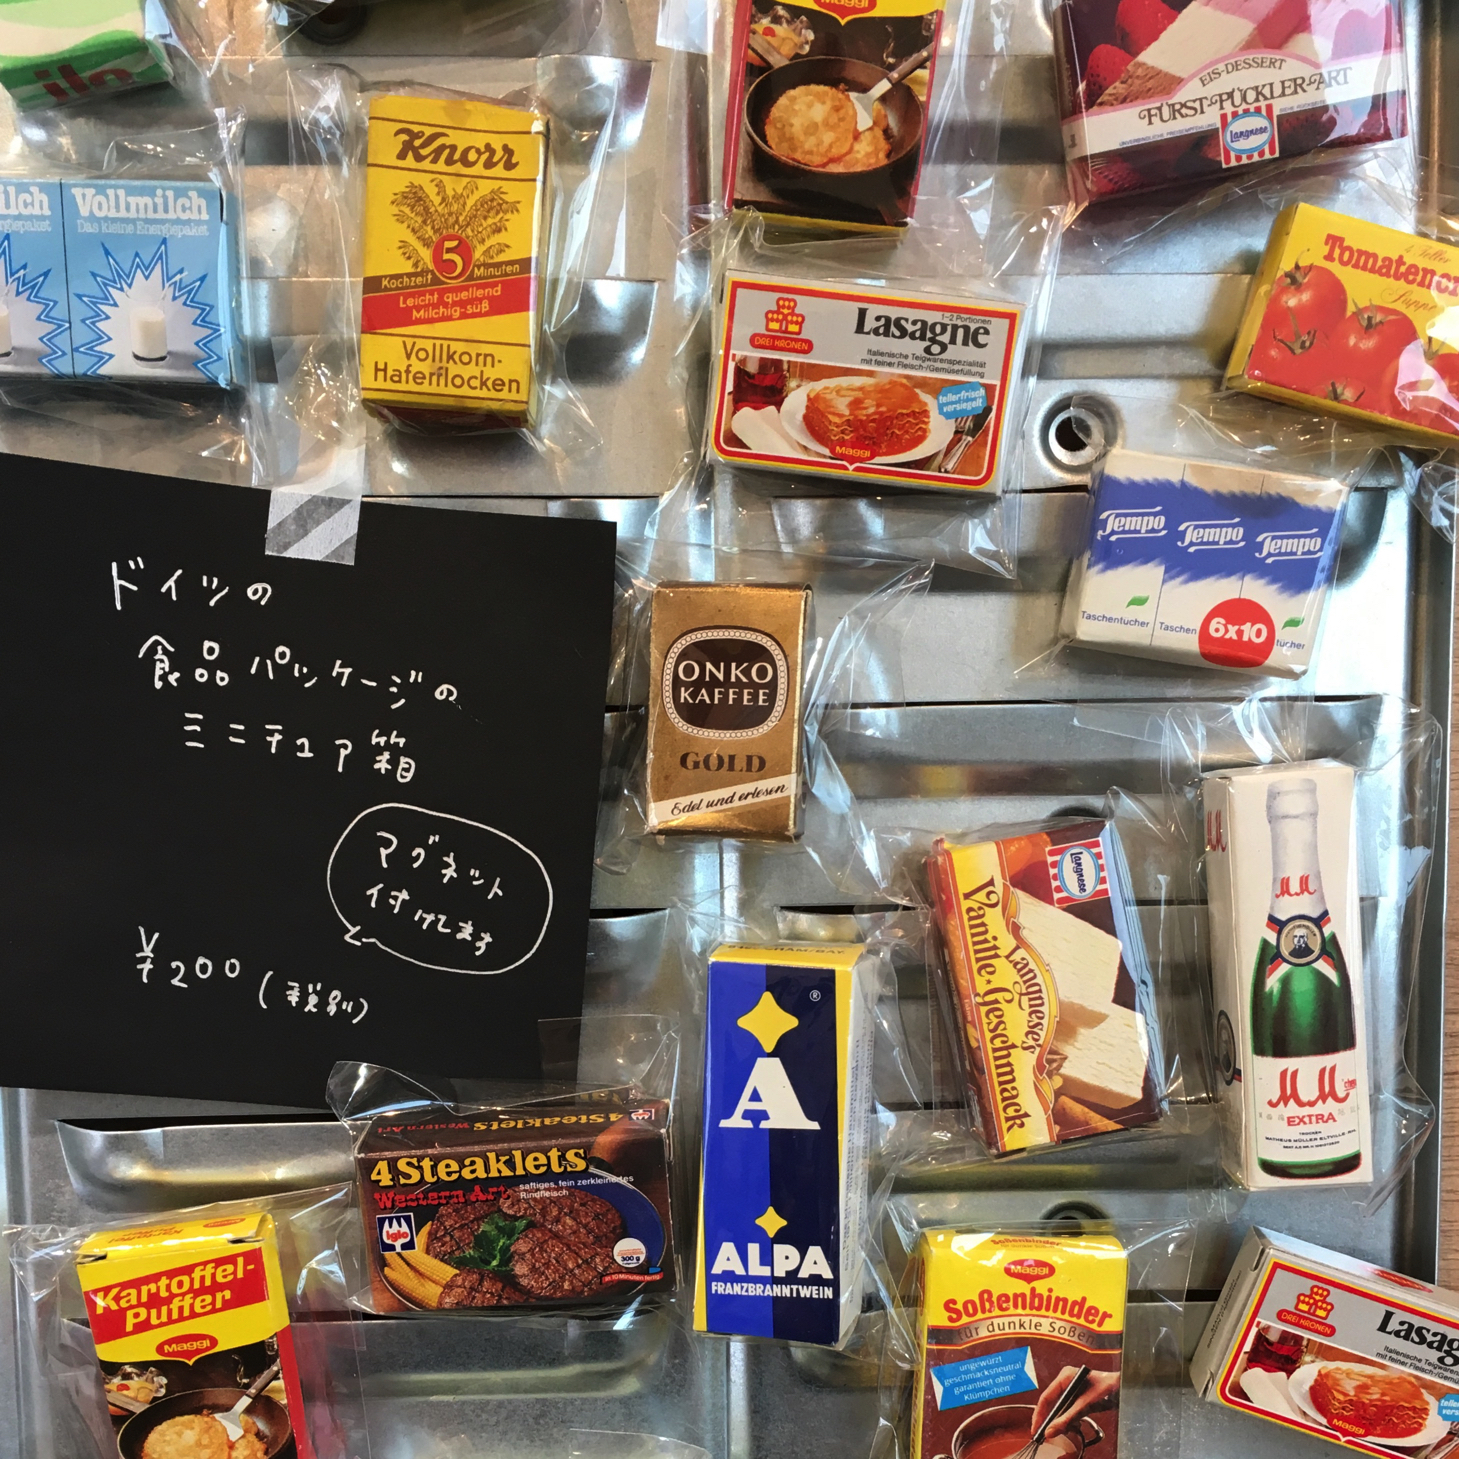 【メール便可】海外のミニチュア食品パッケージのマグネット5個アソートセット